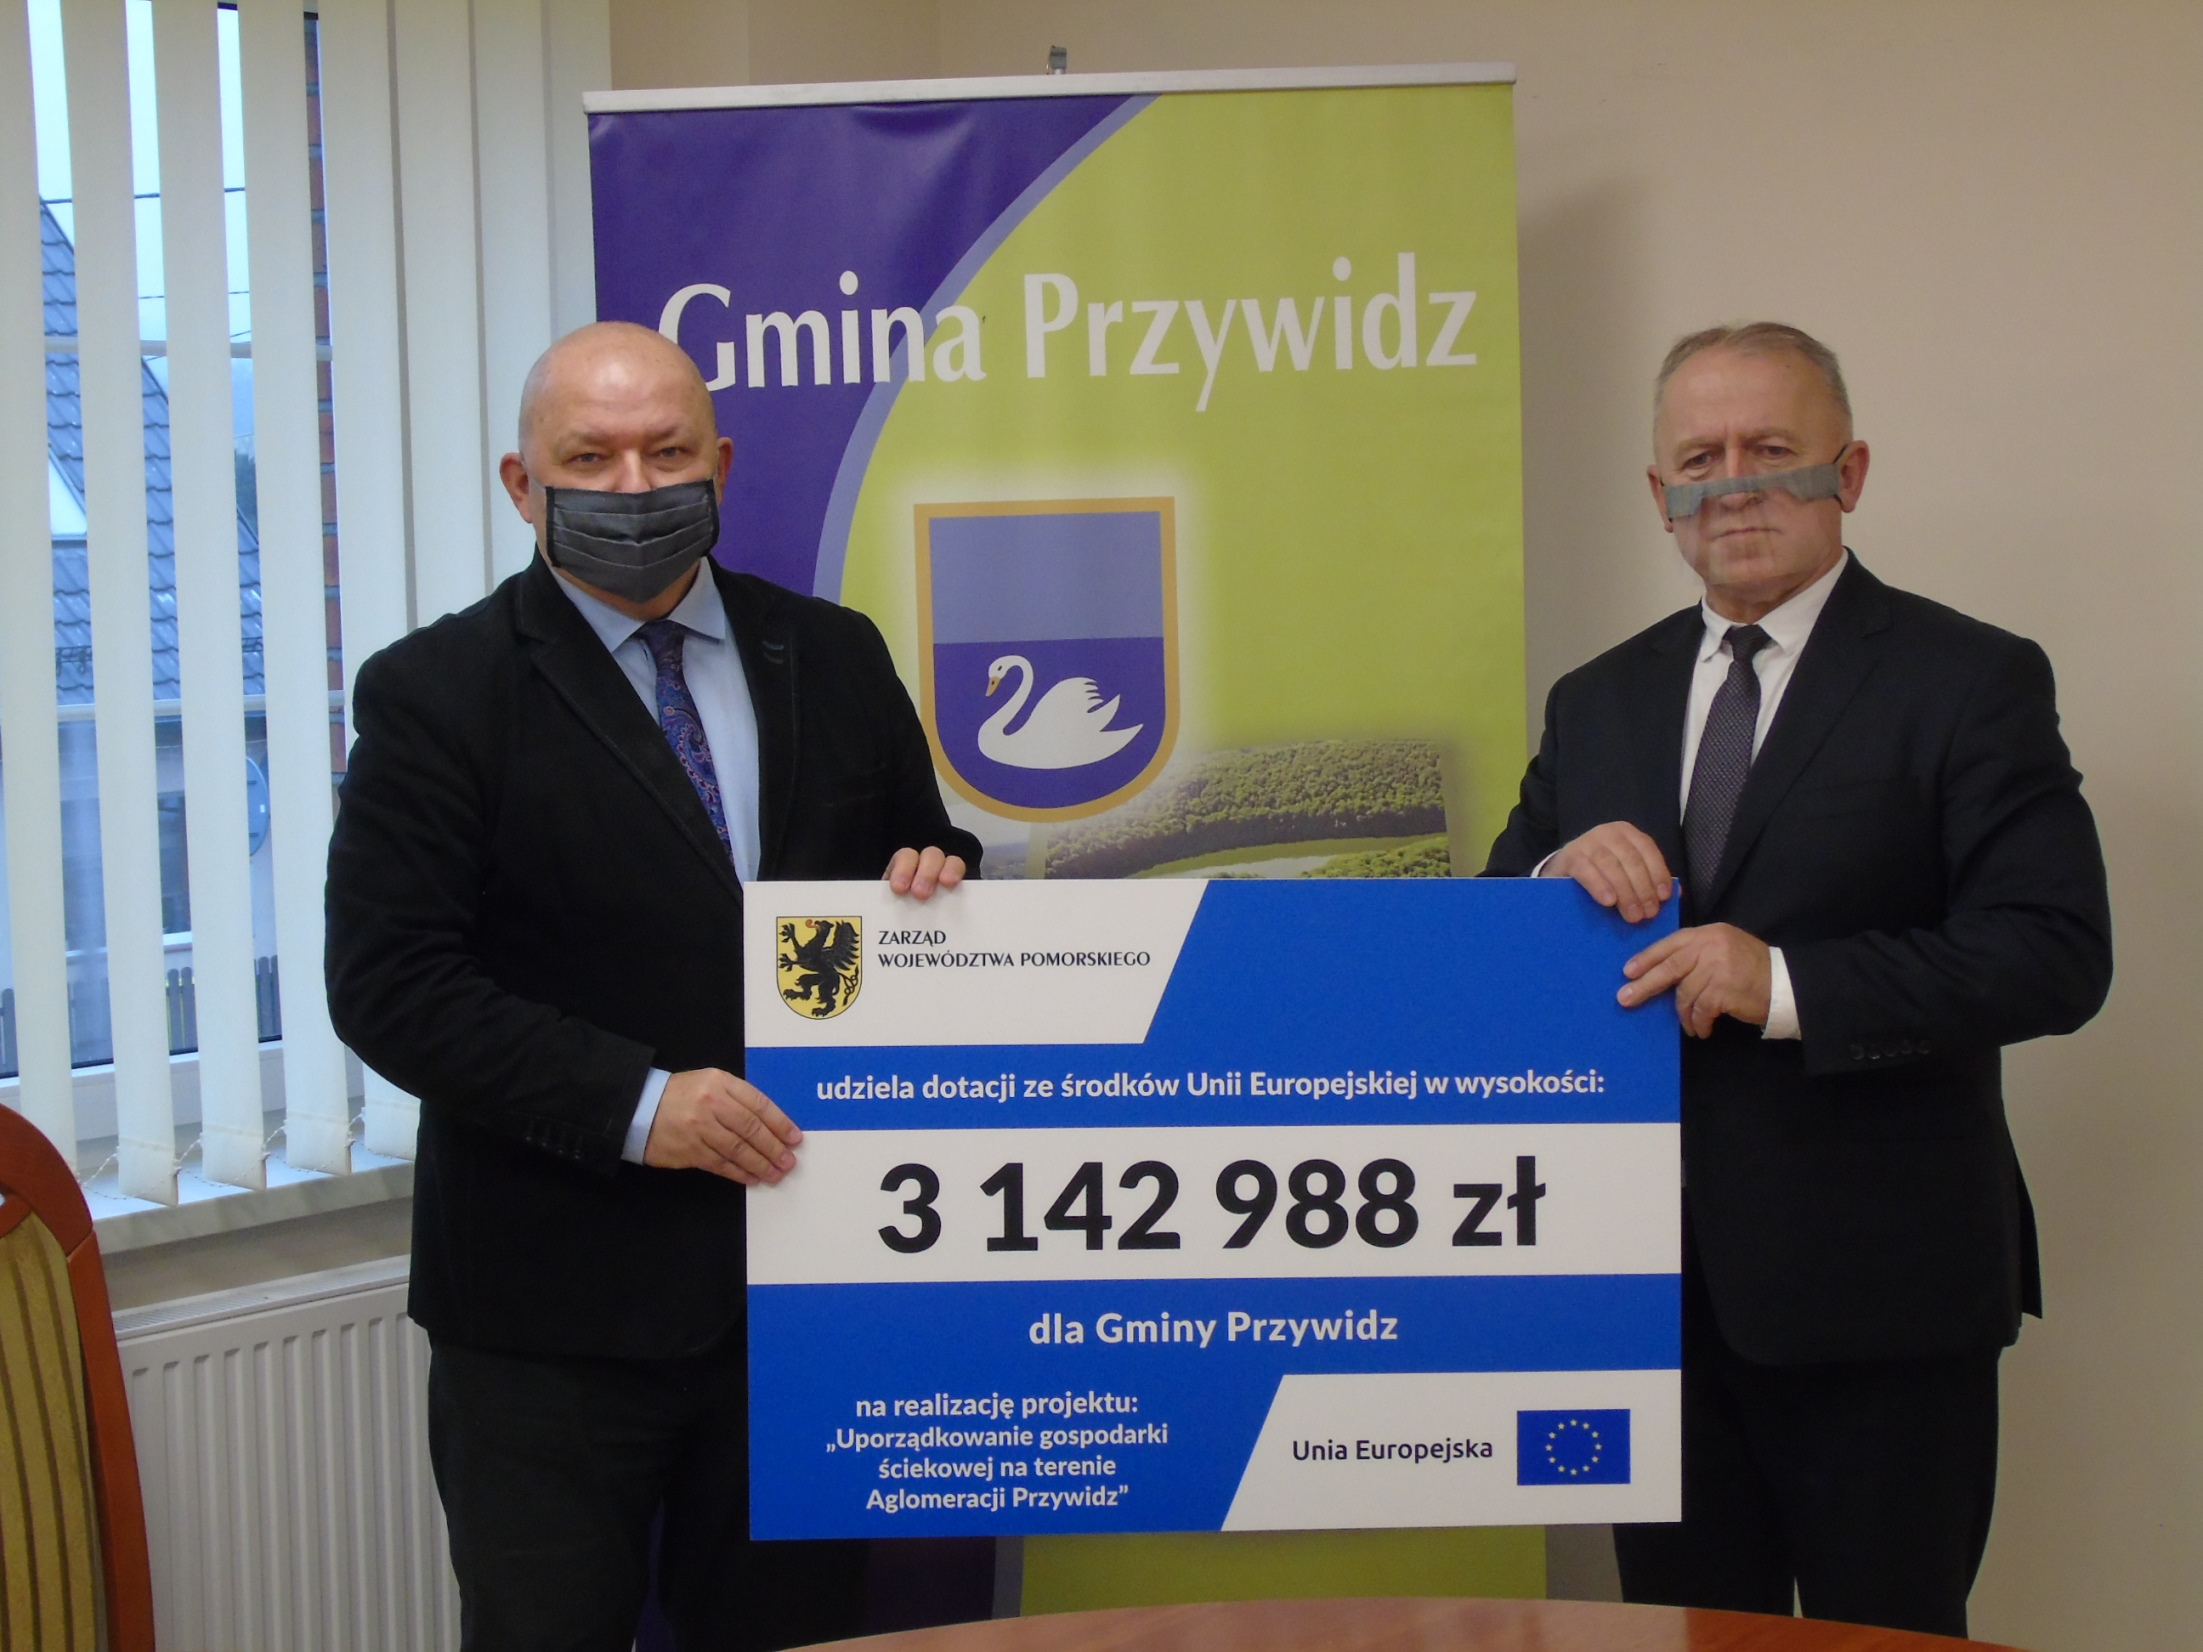 Dodatkowe środki unijne dla gminy Przywidz. Powstaną nowe sieci kanalizacji i oczyszczalnia ścieków